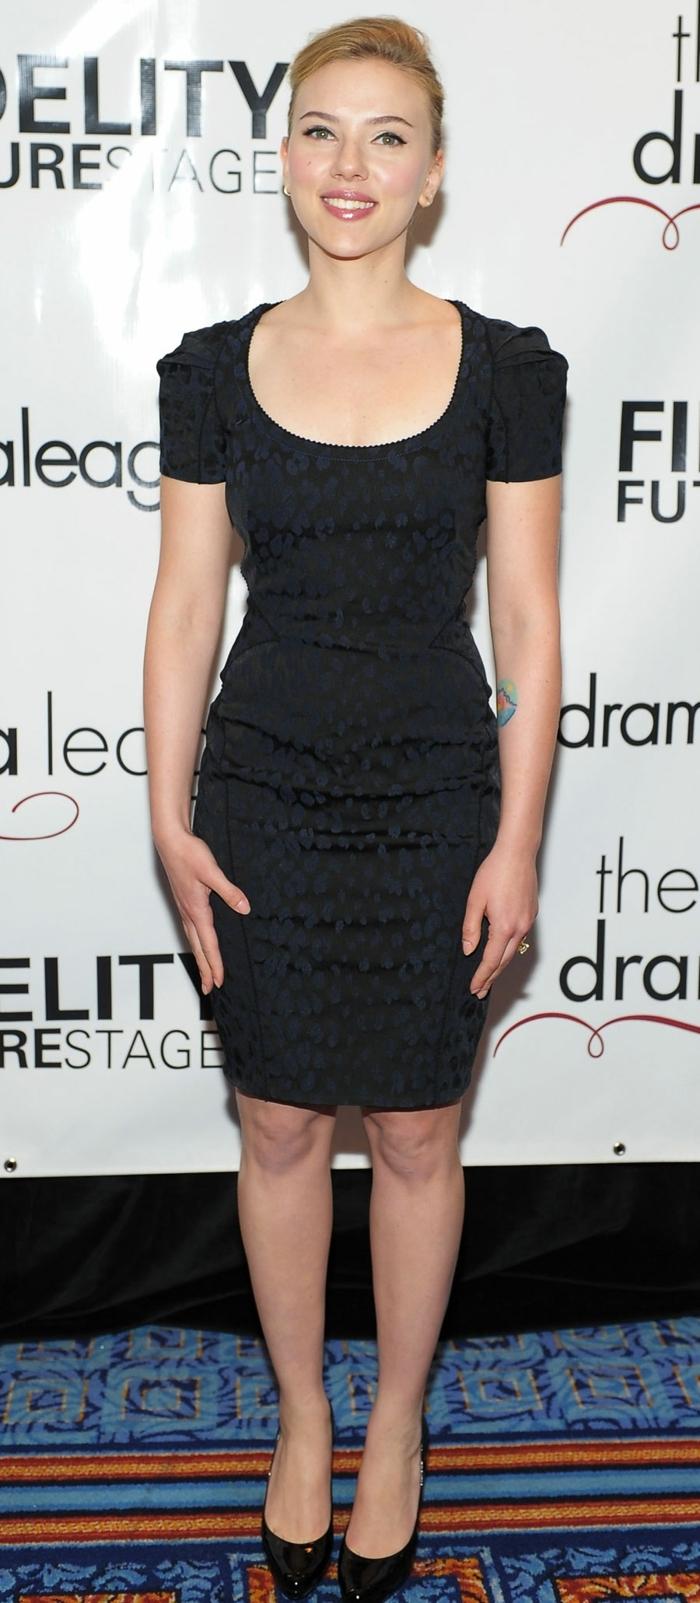 robe moulante noire, robe femme habillée, Scarlett Johansson, robe à manches courtes